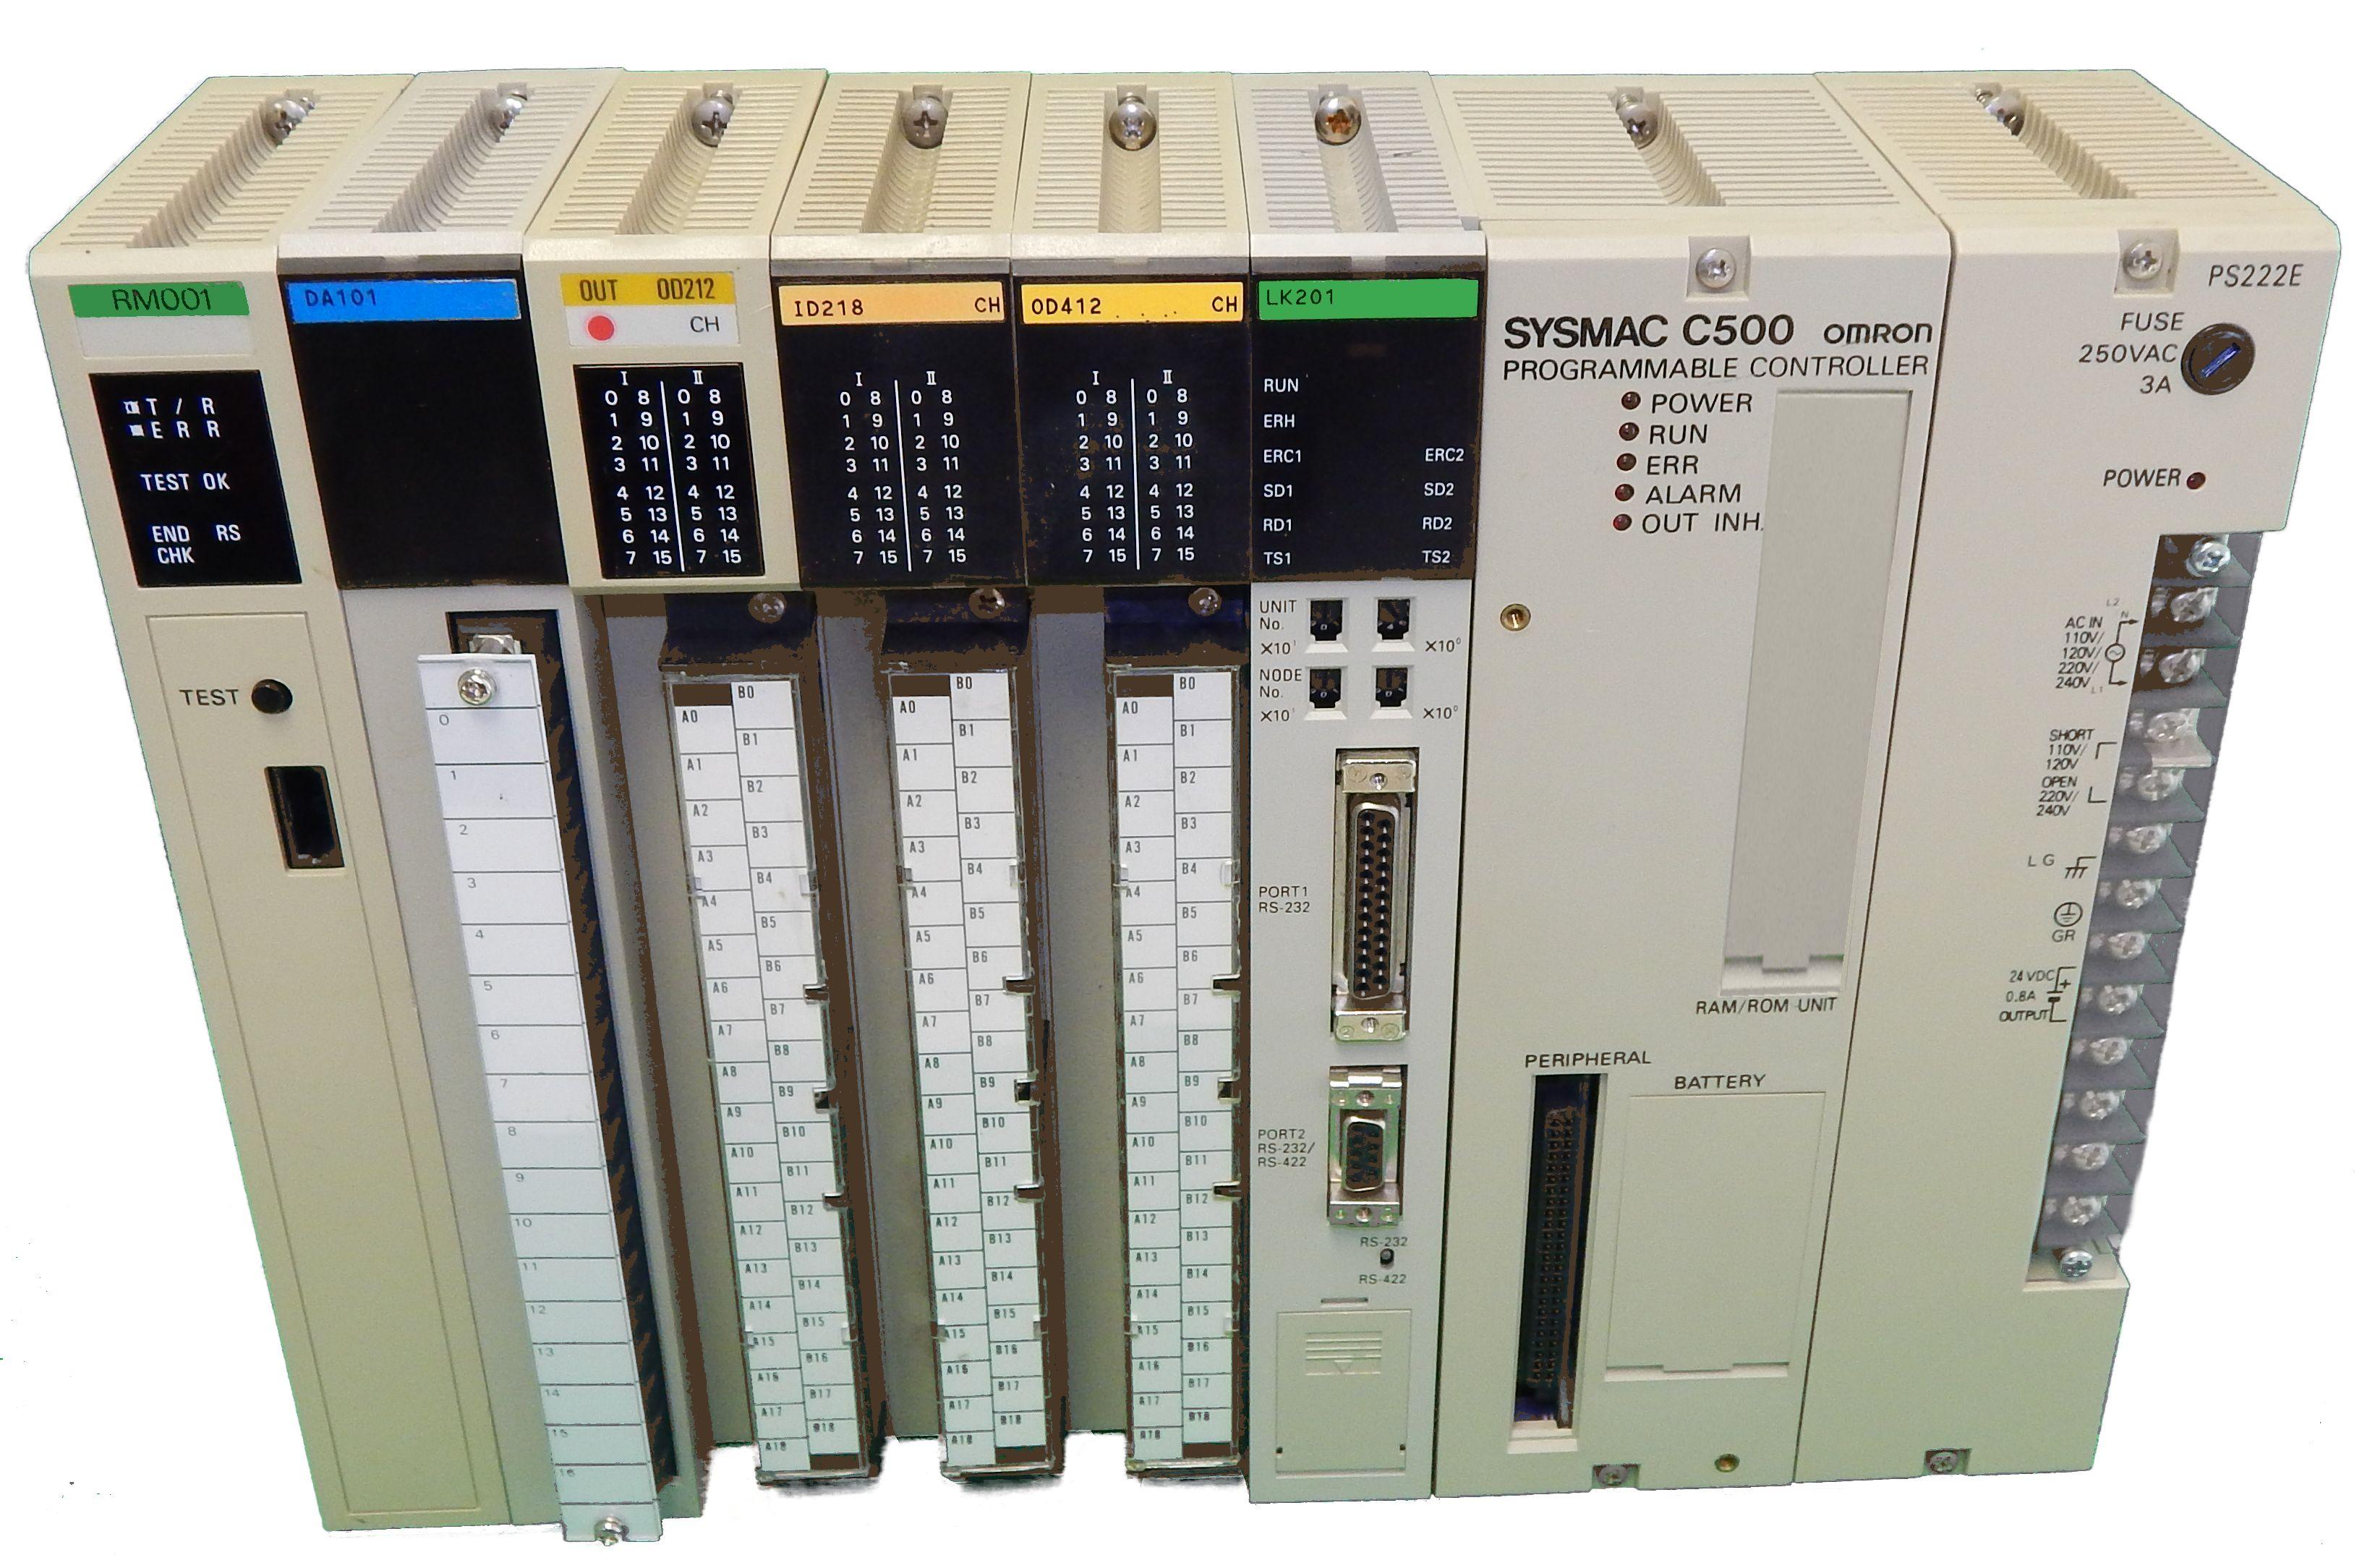 3G2A5-DA005